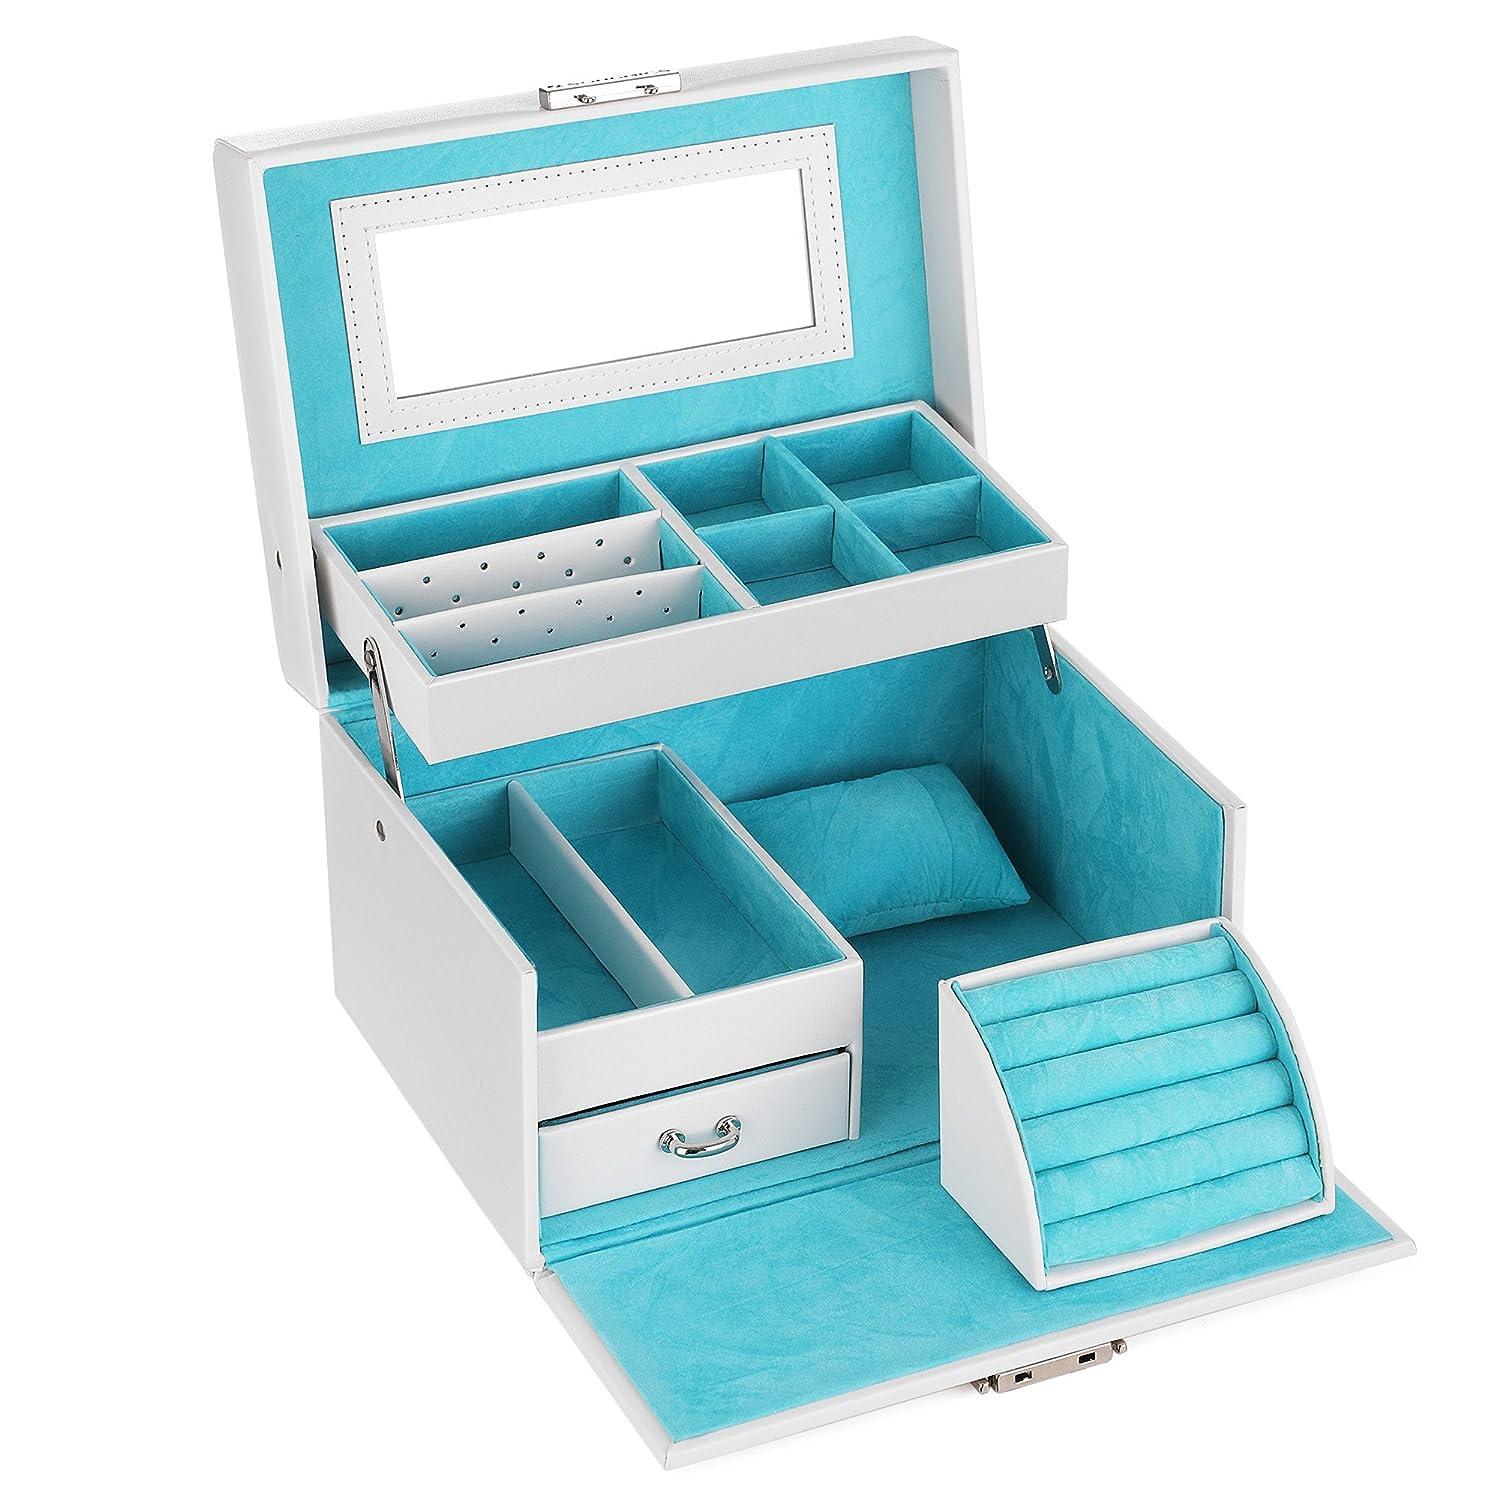 SONGMICS Portagioie Scatole per gioielli Custodia box Scatola anello JBC114W